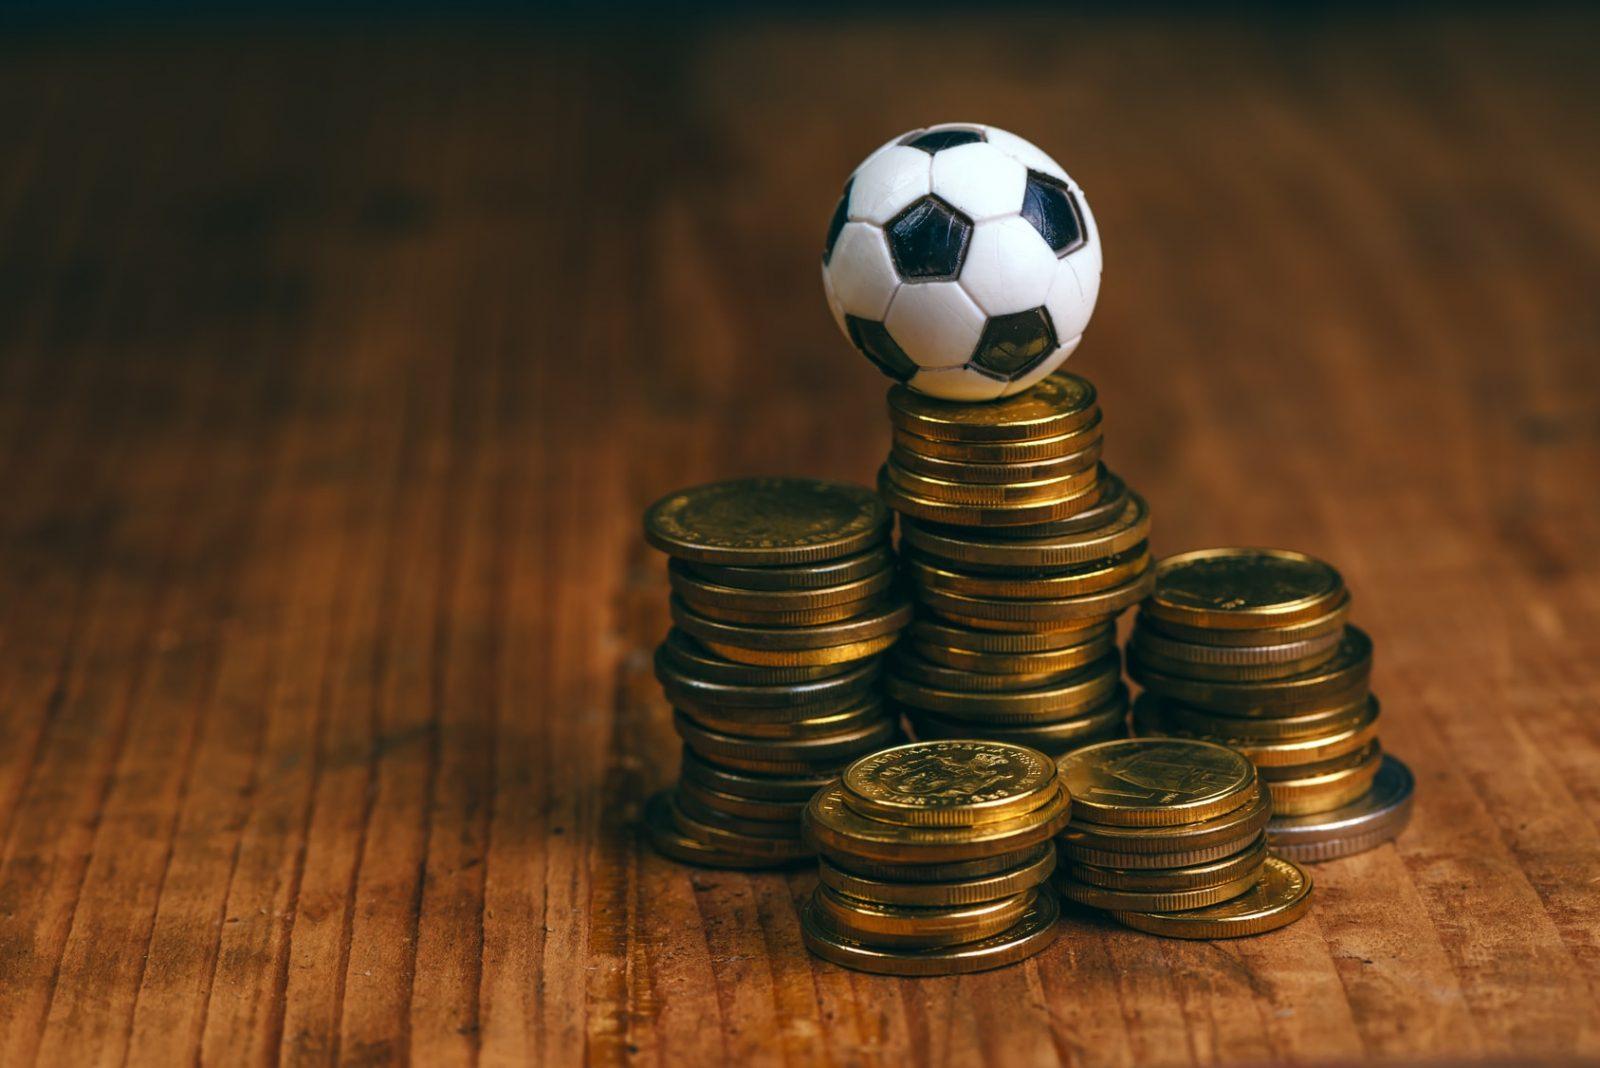 Игрушечный футбольный мячик и железные деньги